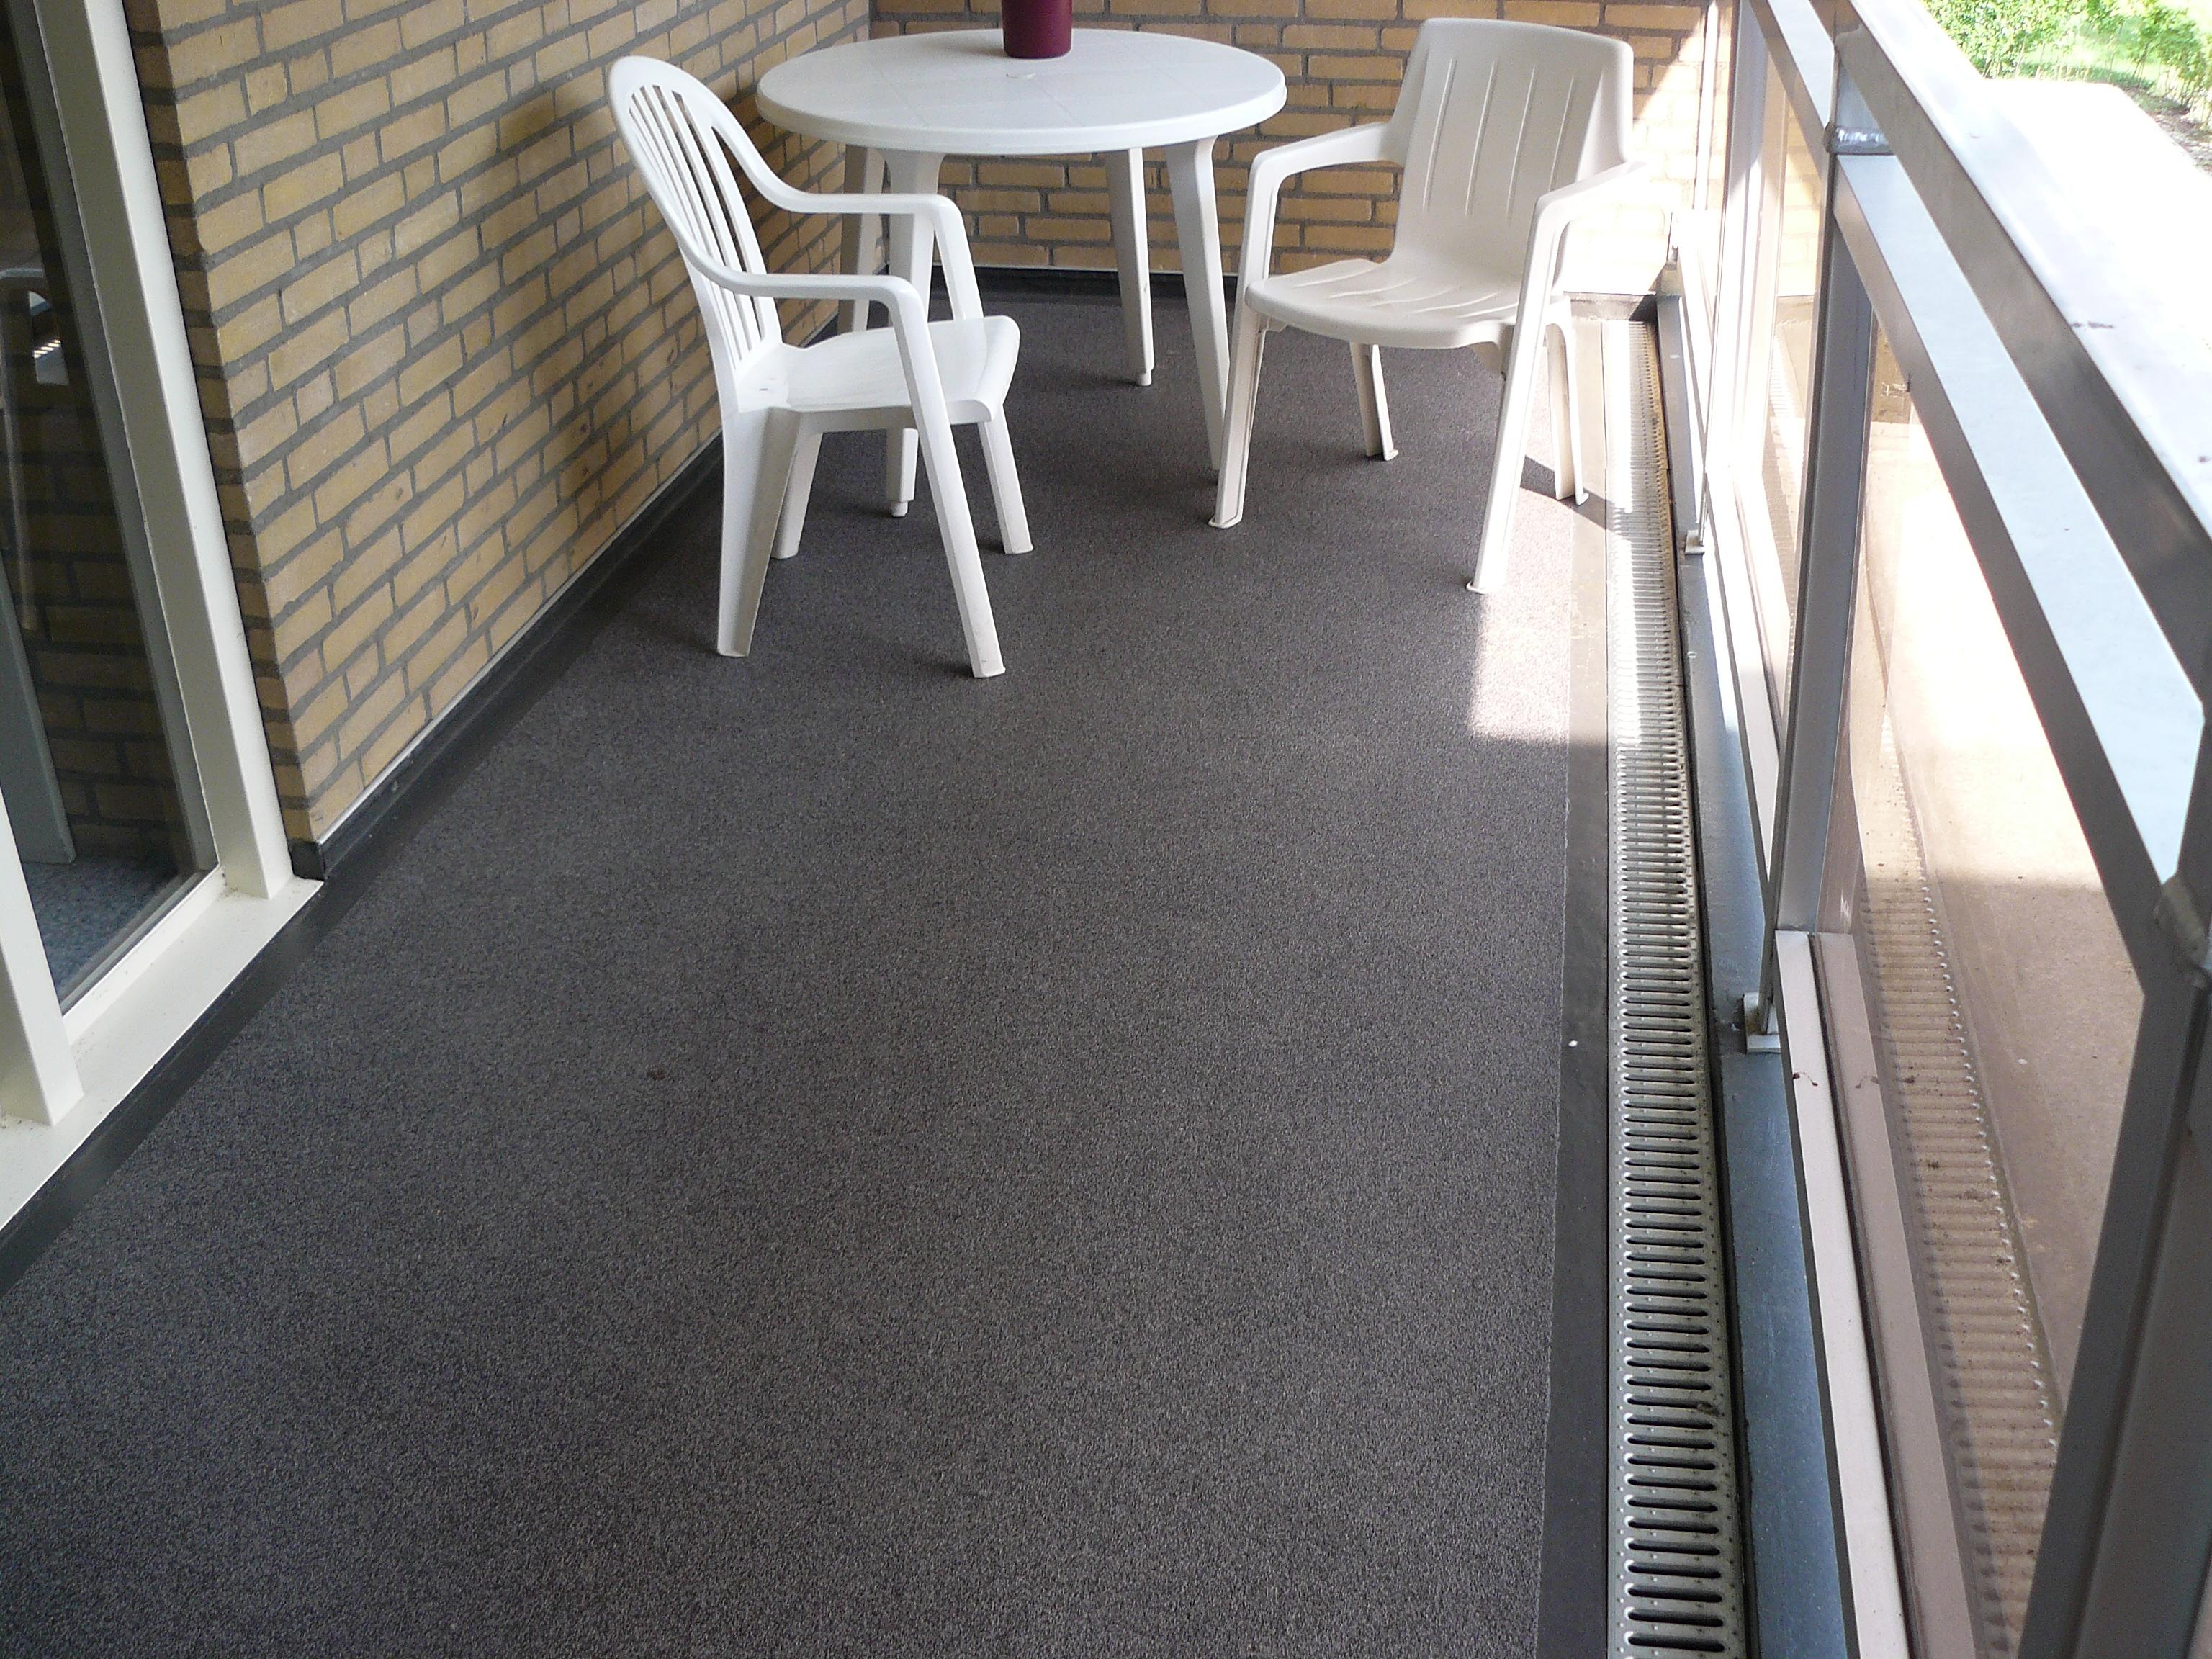 Vloer Voor Balkon : Bedrijfsvloeren van tocop tocop